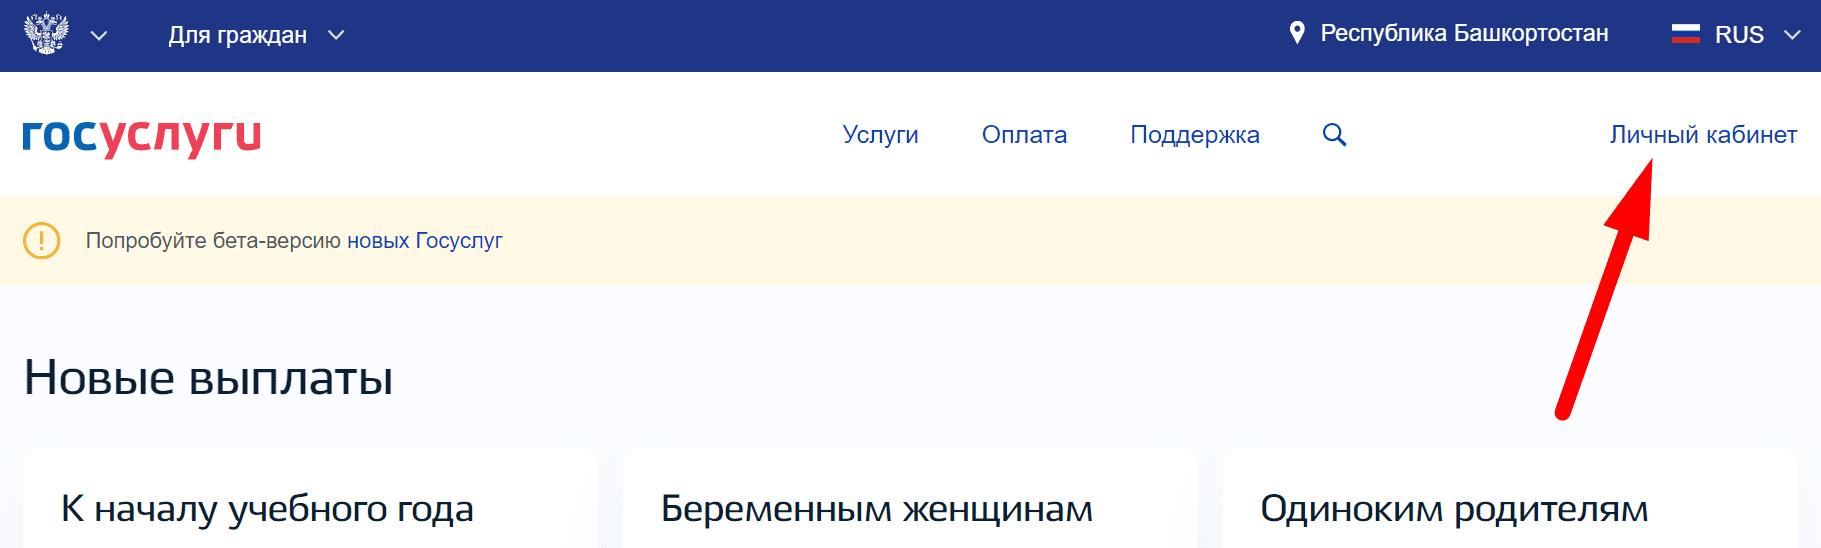 Ссылка на официальный сайт «ГосУслуги Уфа»